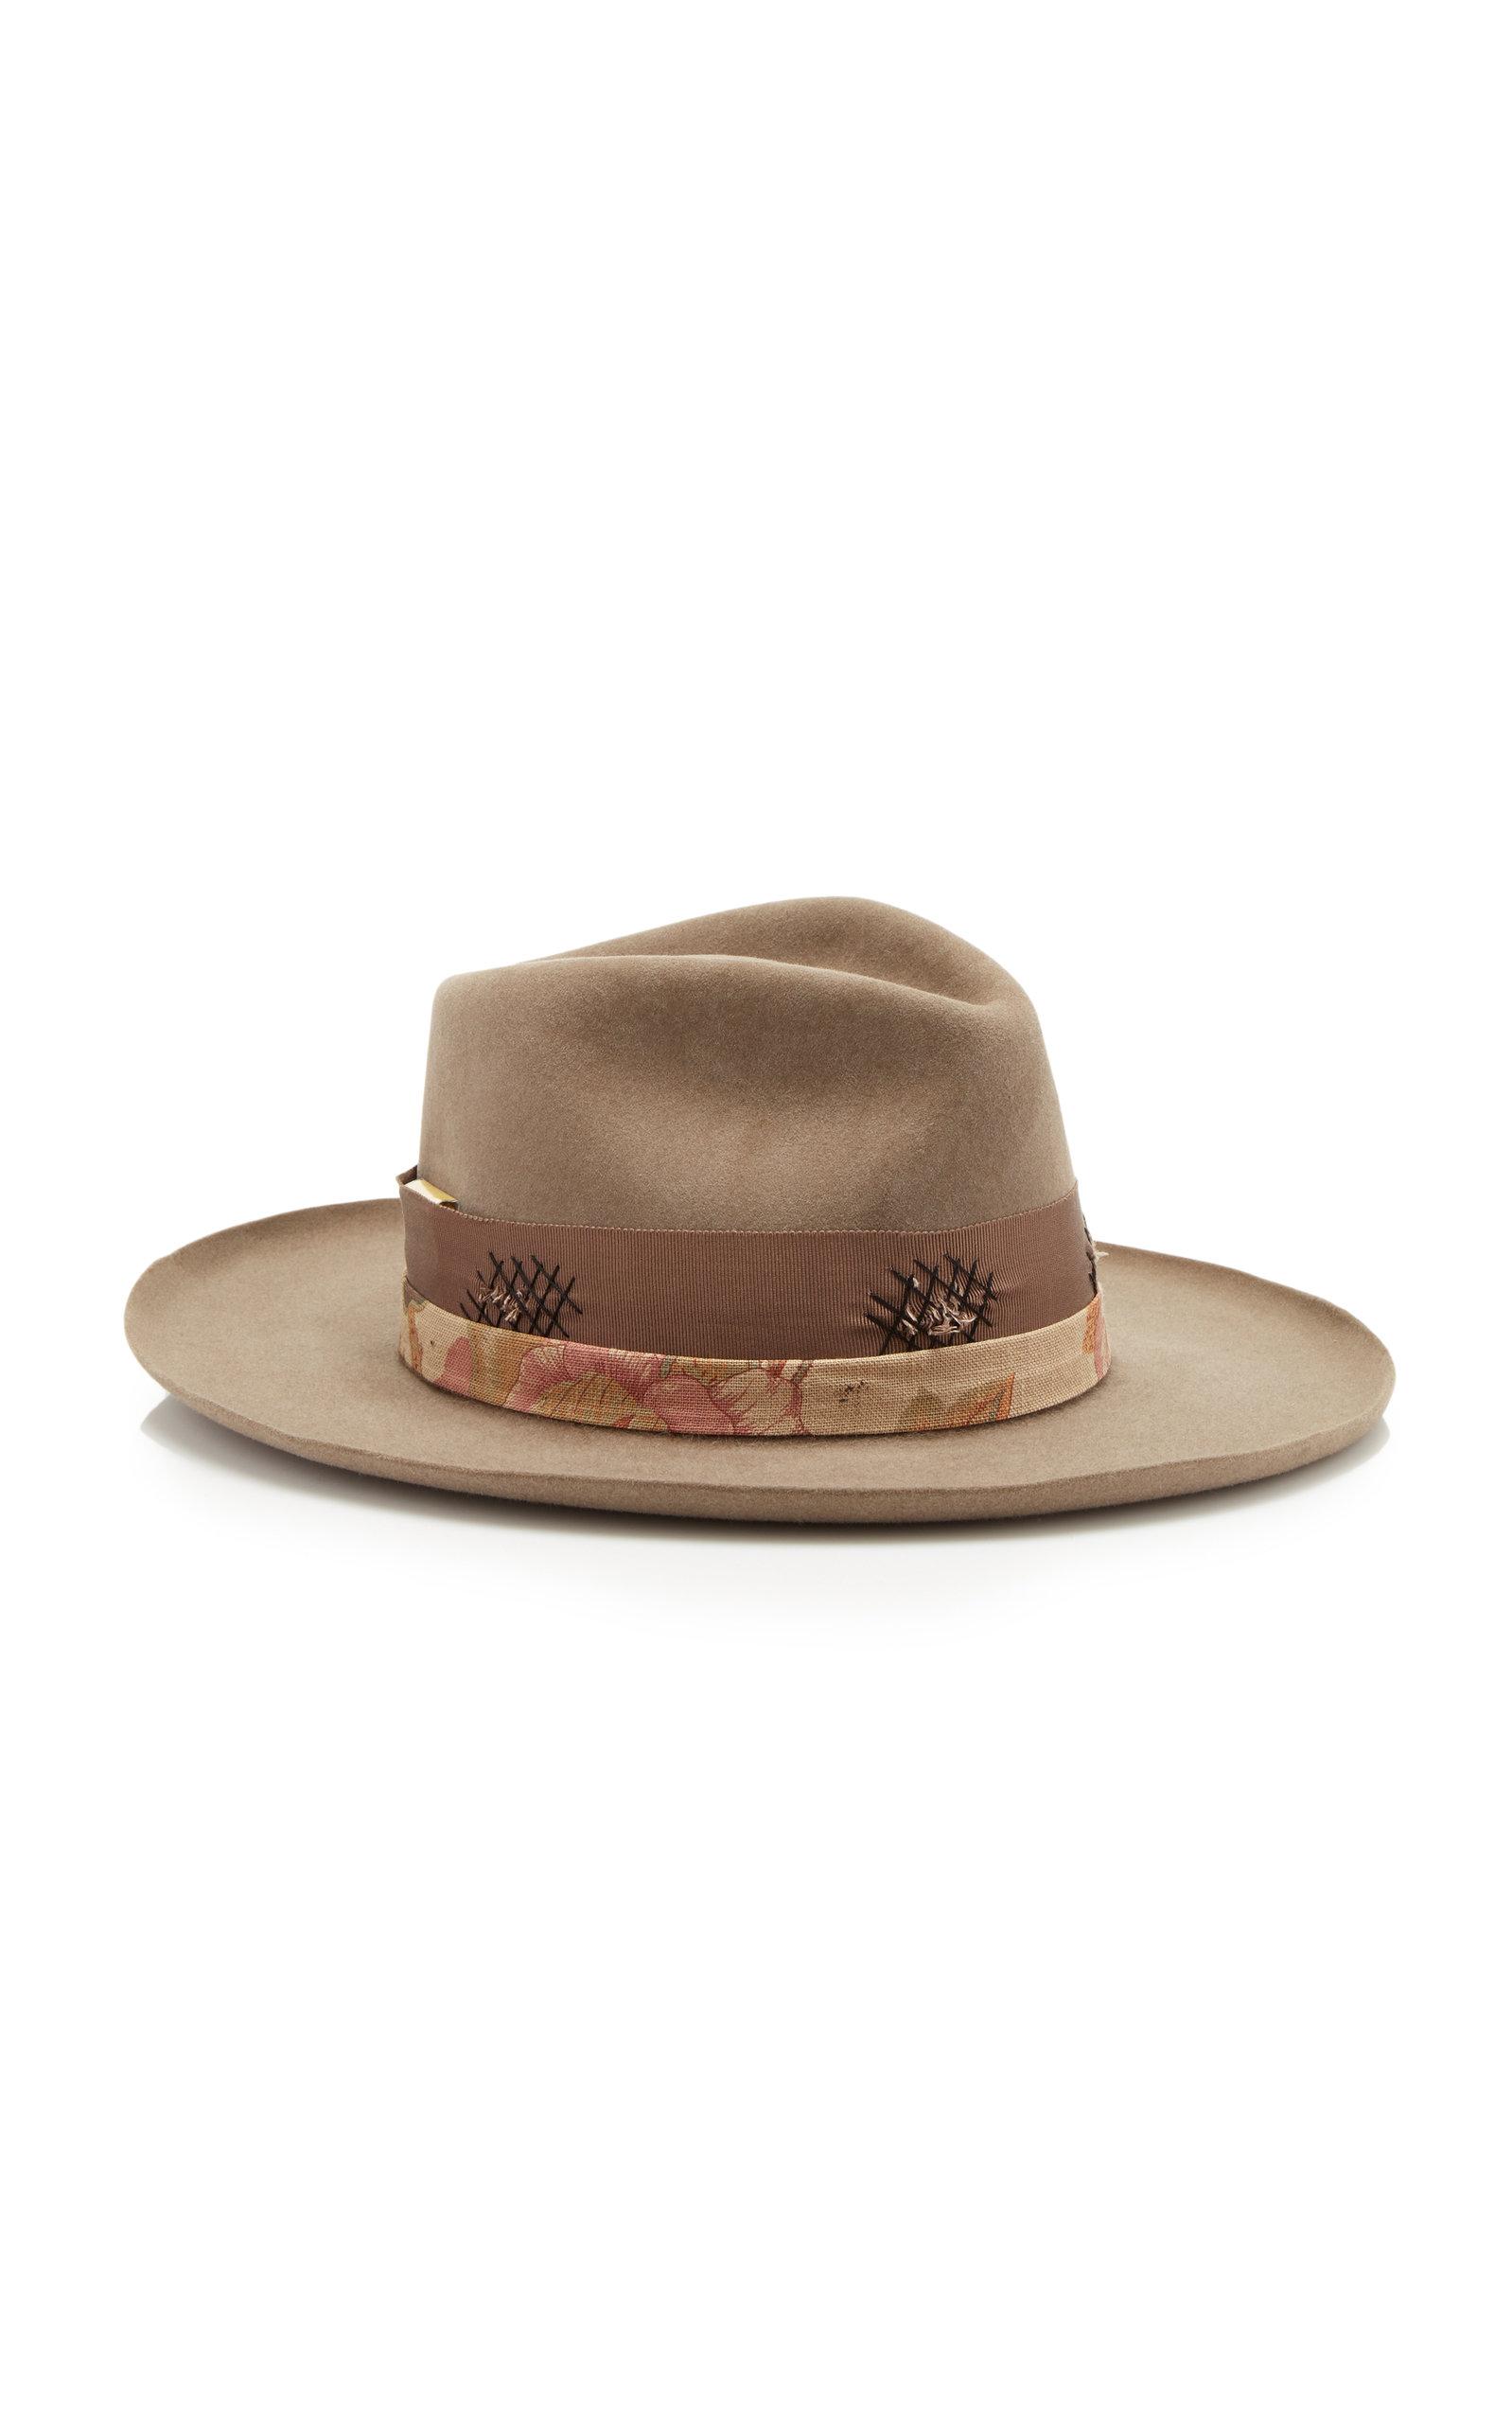 Verbon A De La Falaise Beaver Felt Hat Nick Fouquet U1YTJMnaNY